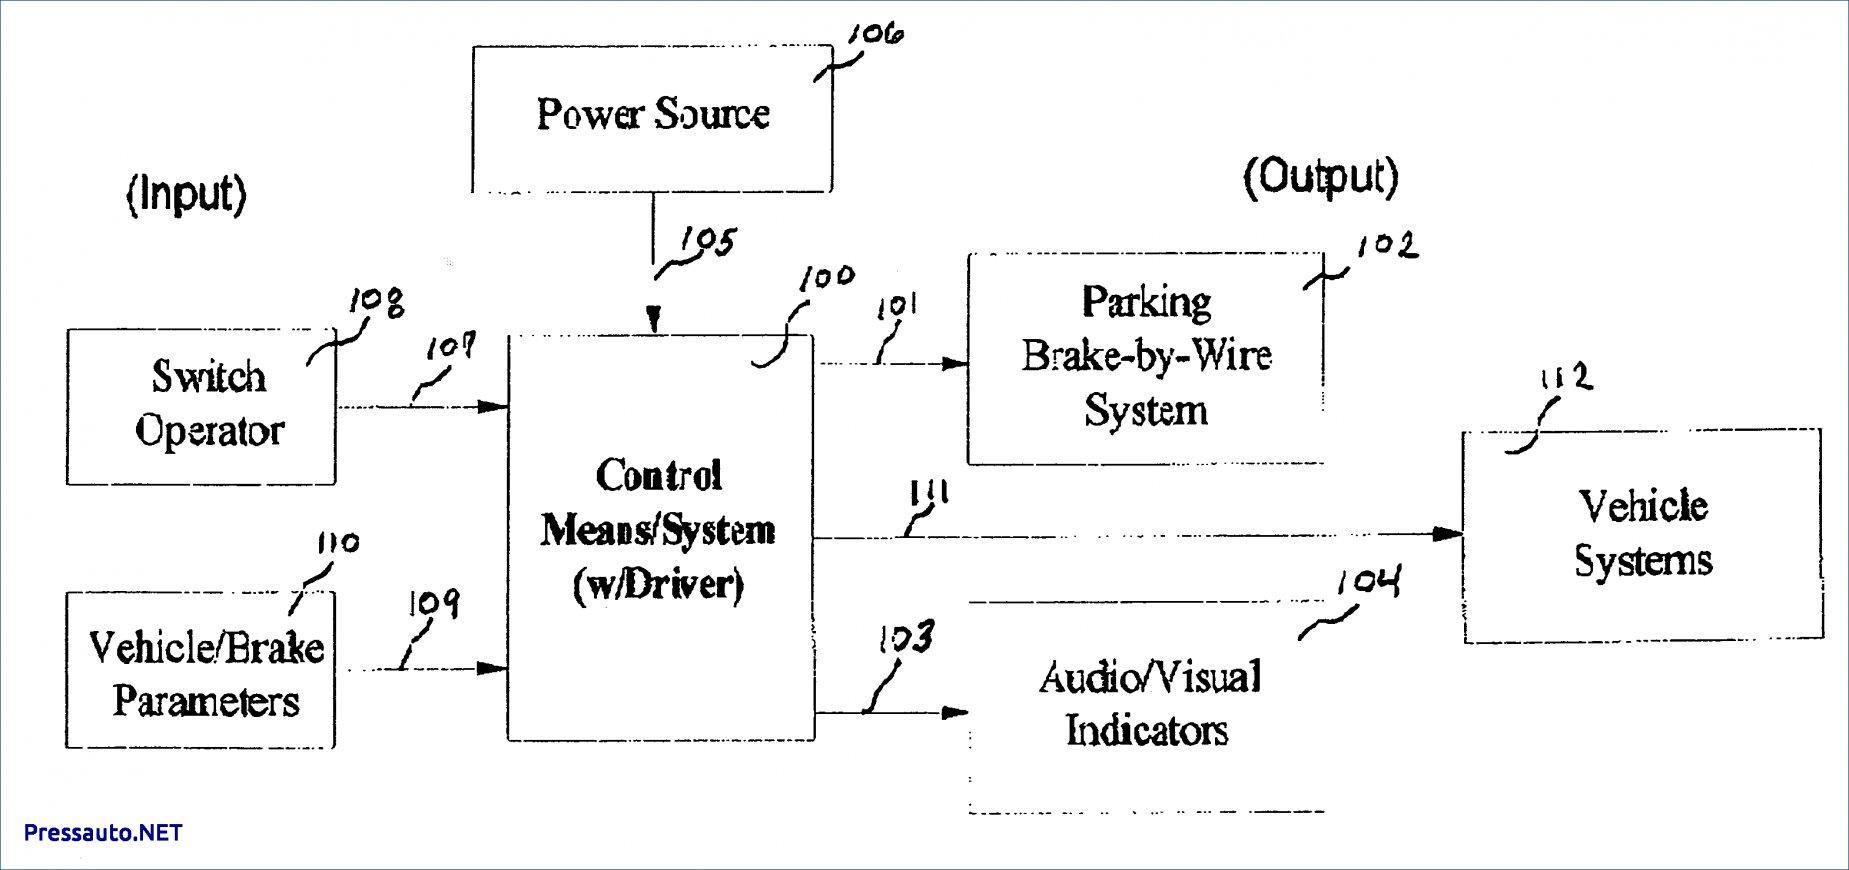 Trailer Brake Controller Wiring Schematic | Manual E-Books - Ford Trailer Brake Controller Wiring Diagram